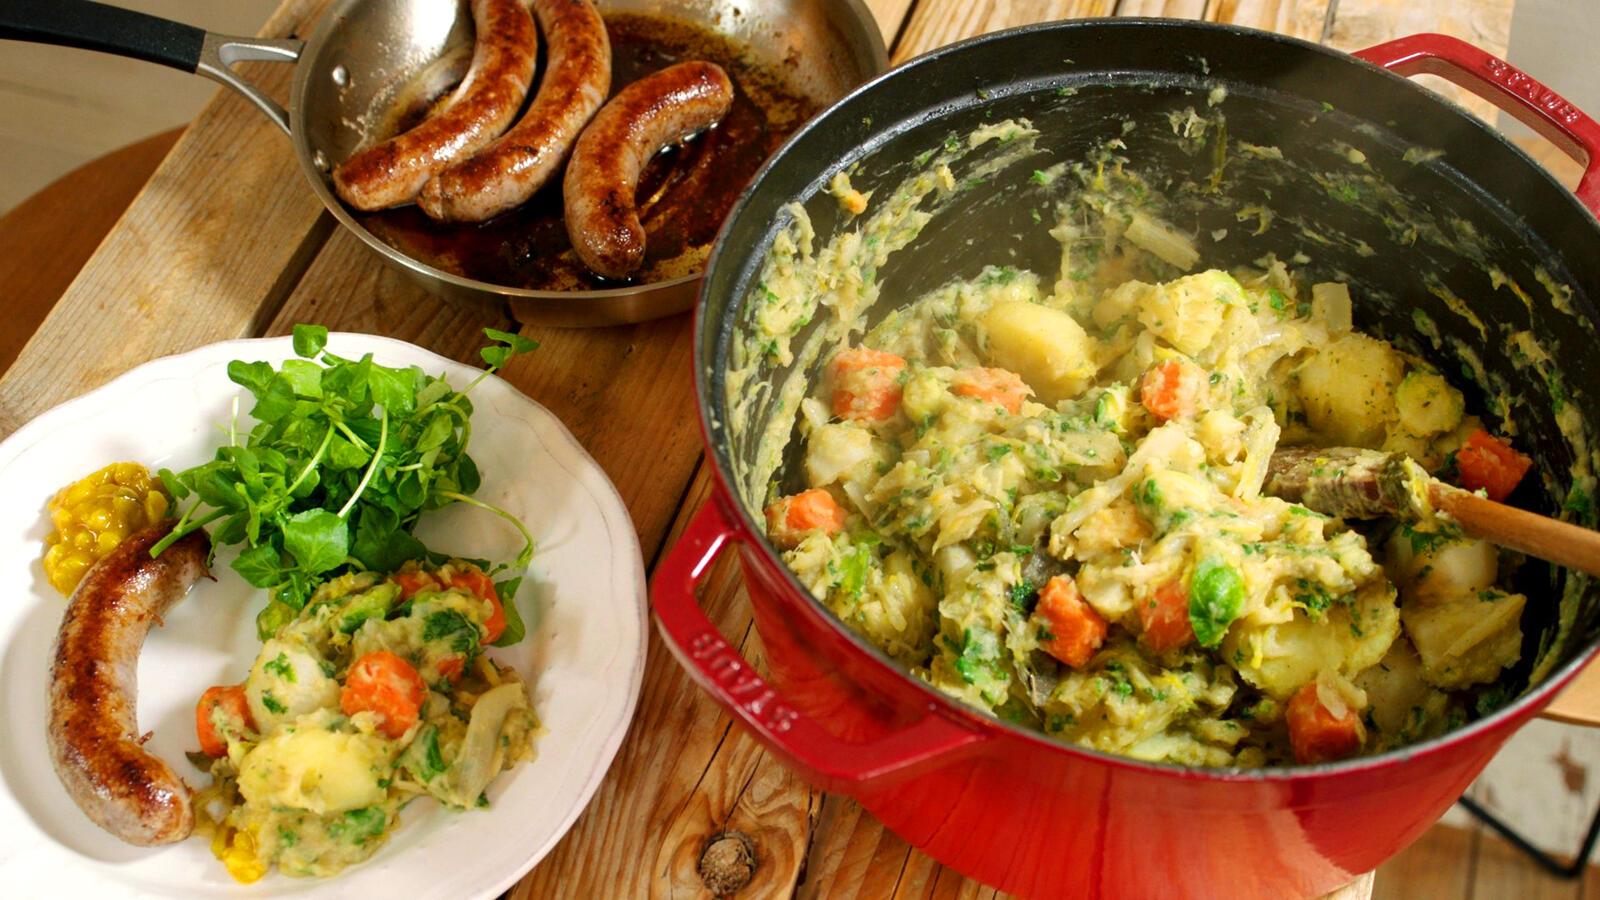 Braadworst met groentehutsepot en pickles